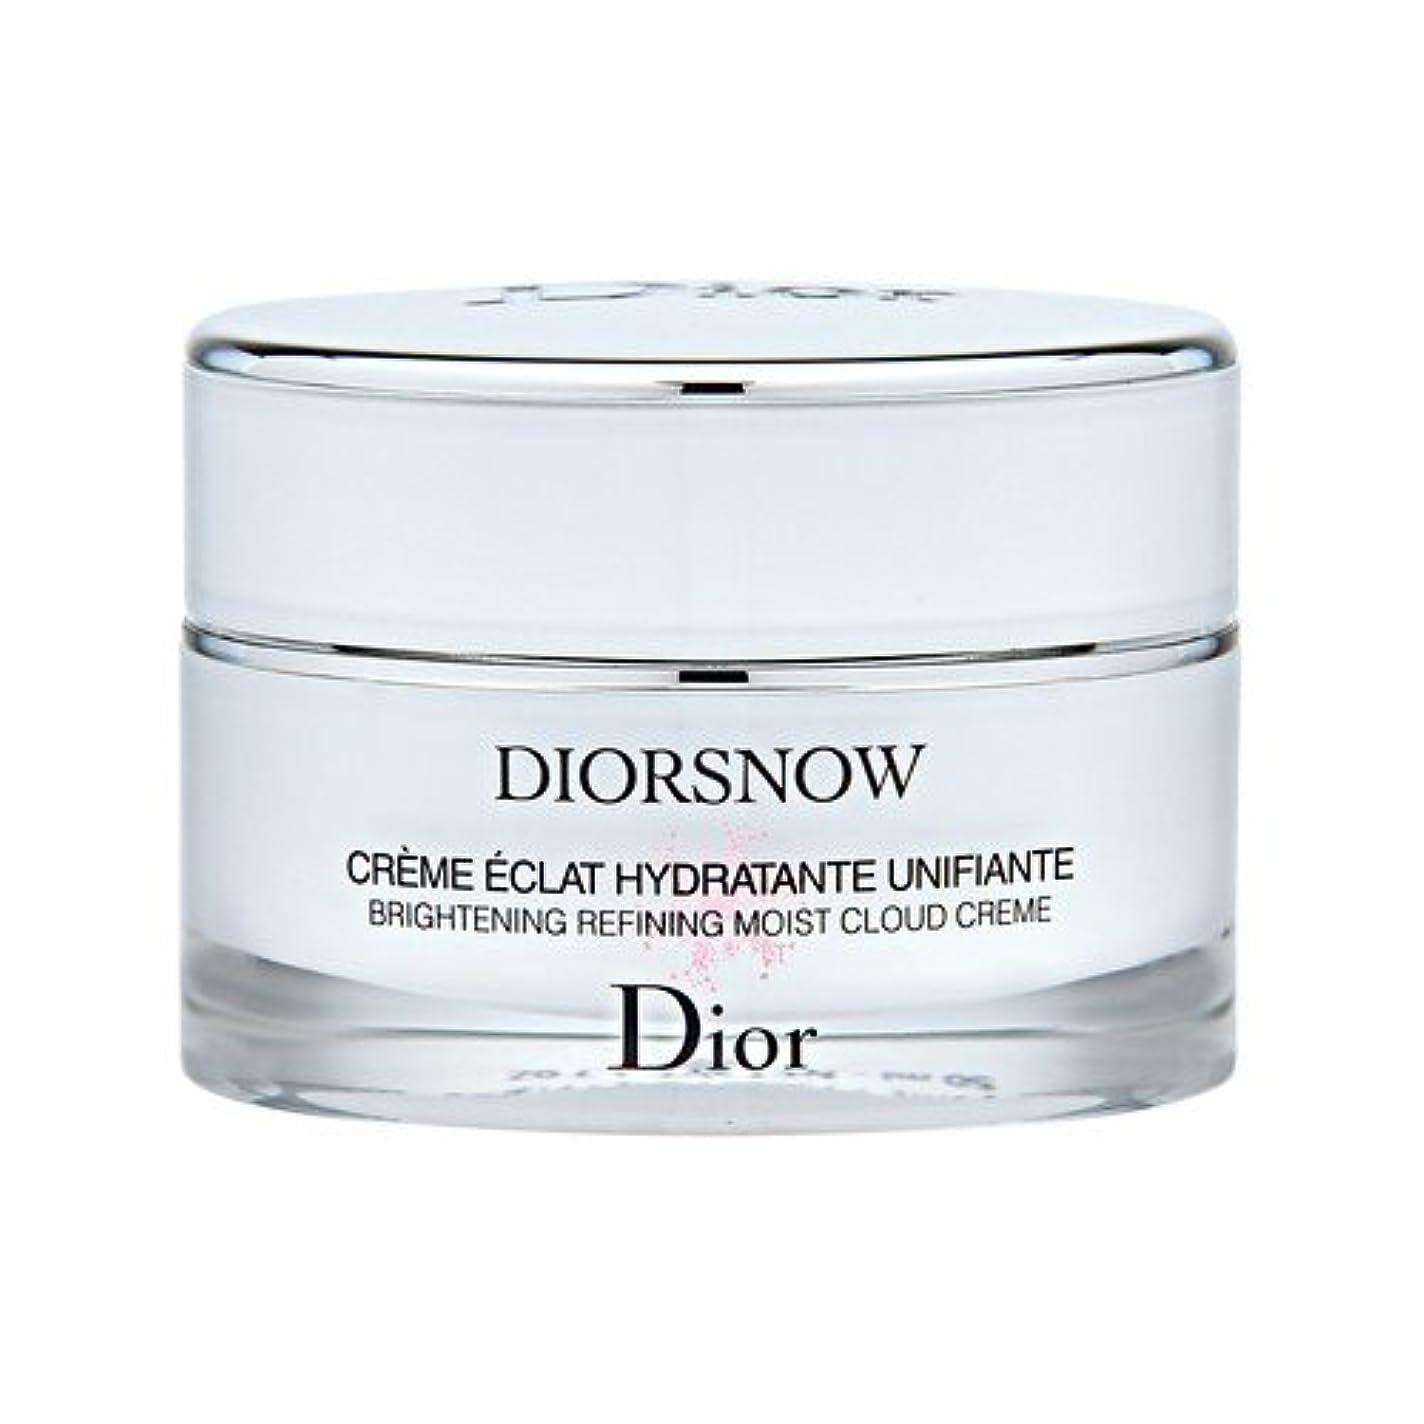 煙突姿勢気分クリスチャン ディオール(Christian Dior) スノー ブライトニング モイスト クリーム 50ml[並行輸入品]